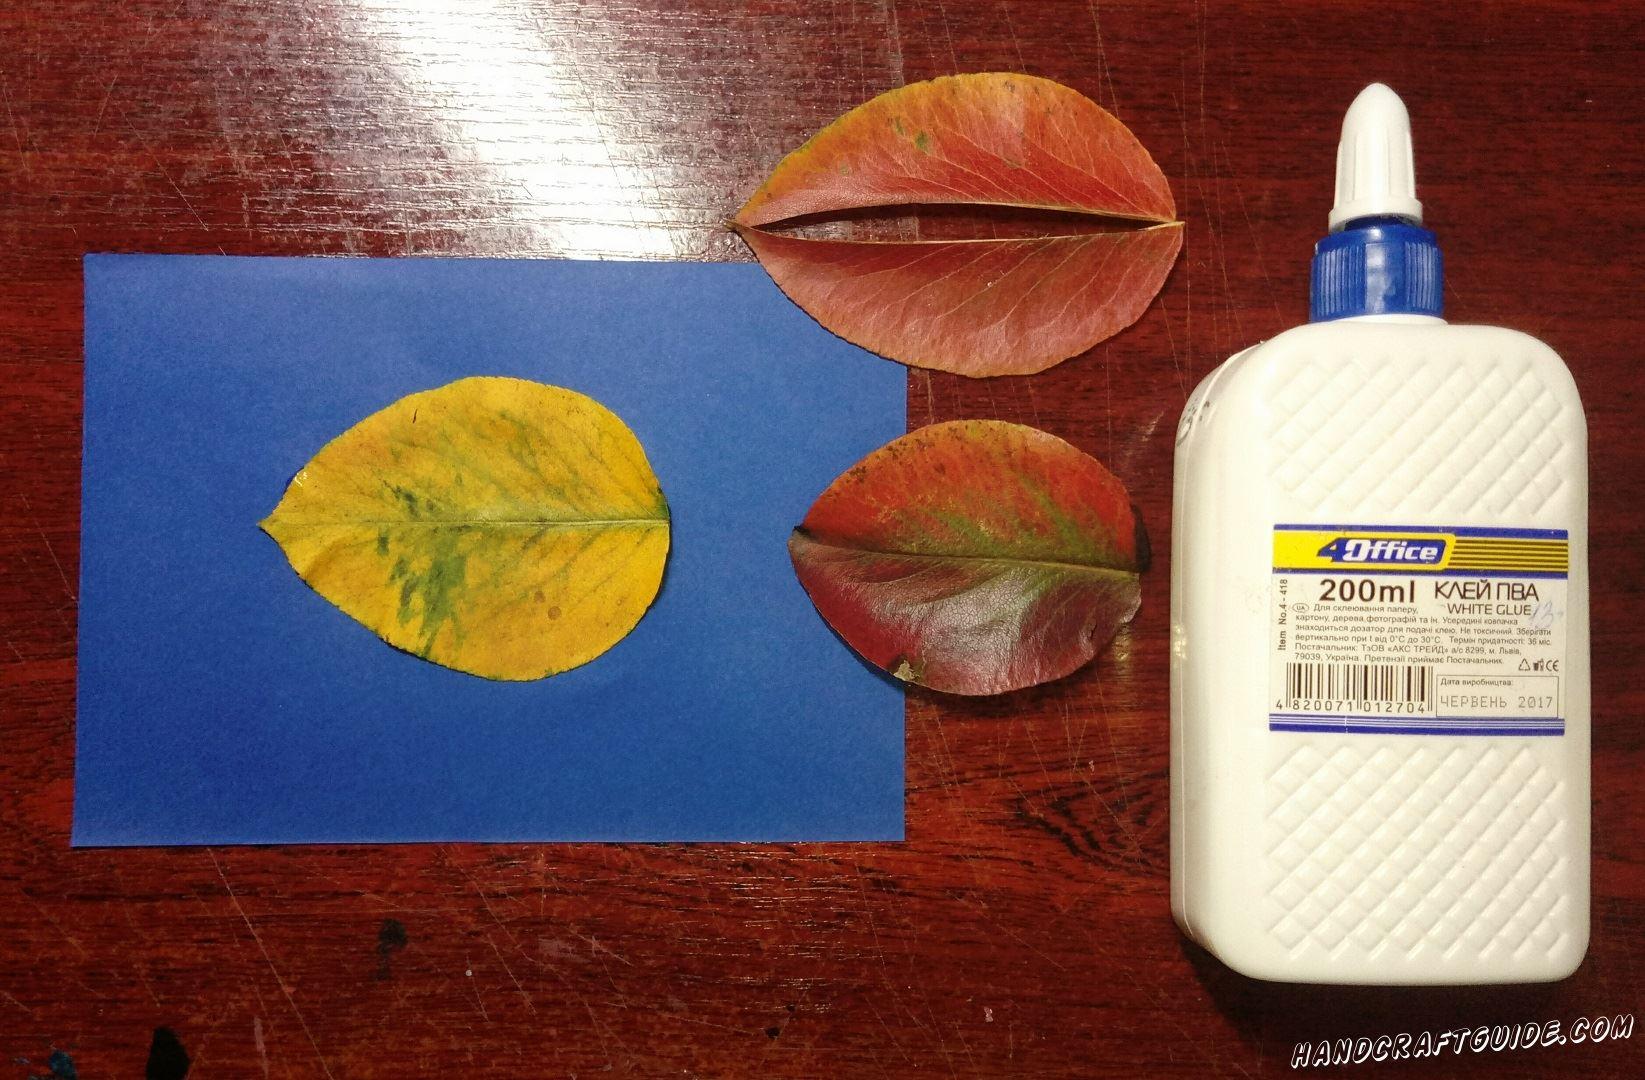 Более светлый листик мы приклеиваем на бумажный фон синего цвета